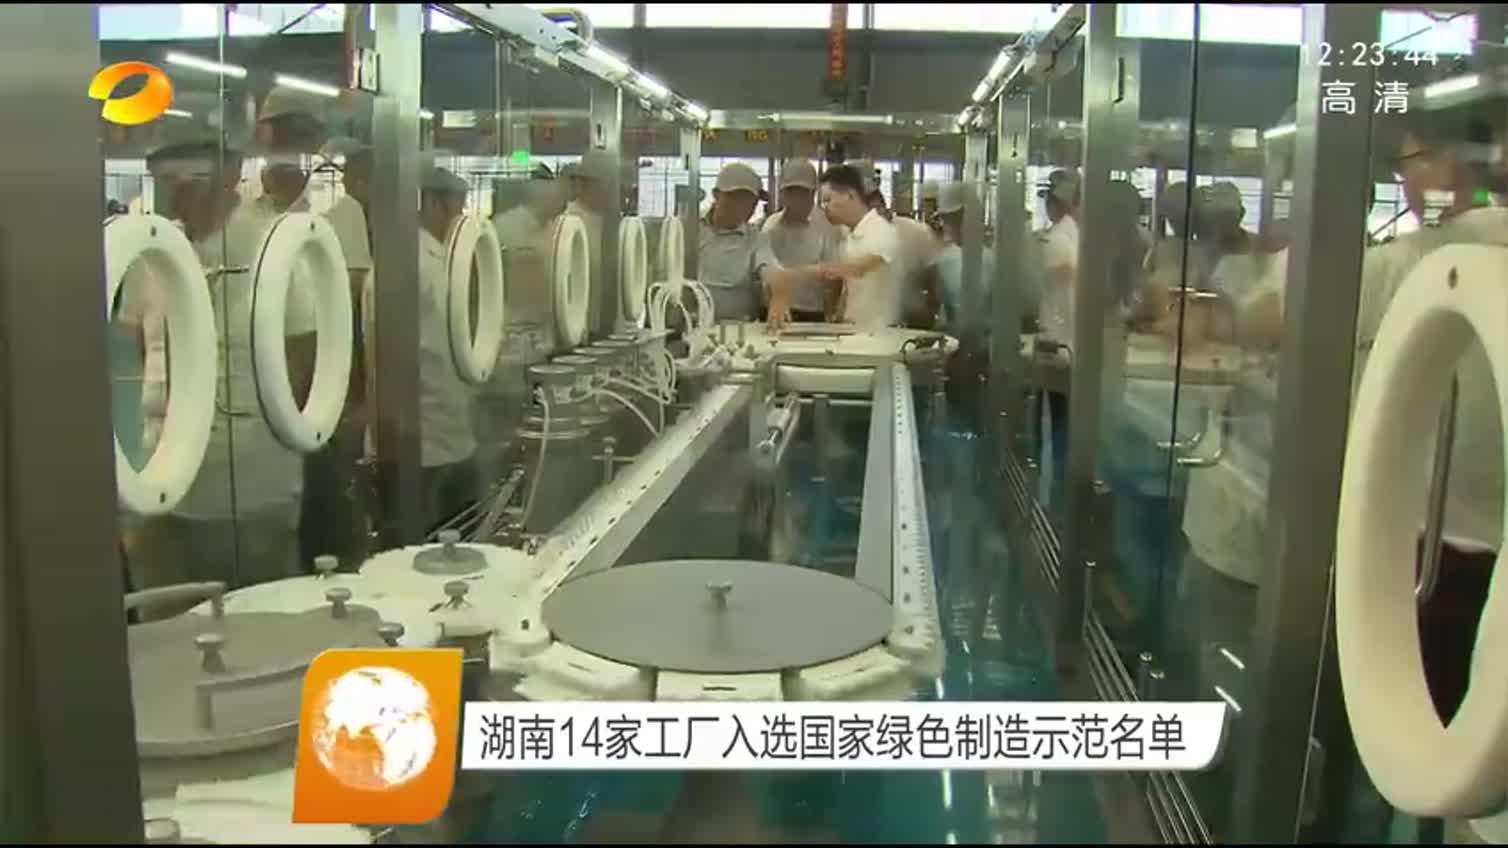 湖南14家工厂入选国家绿色制造示范名单